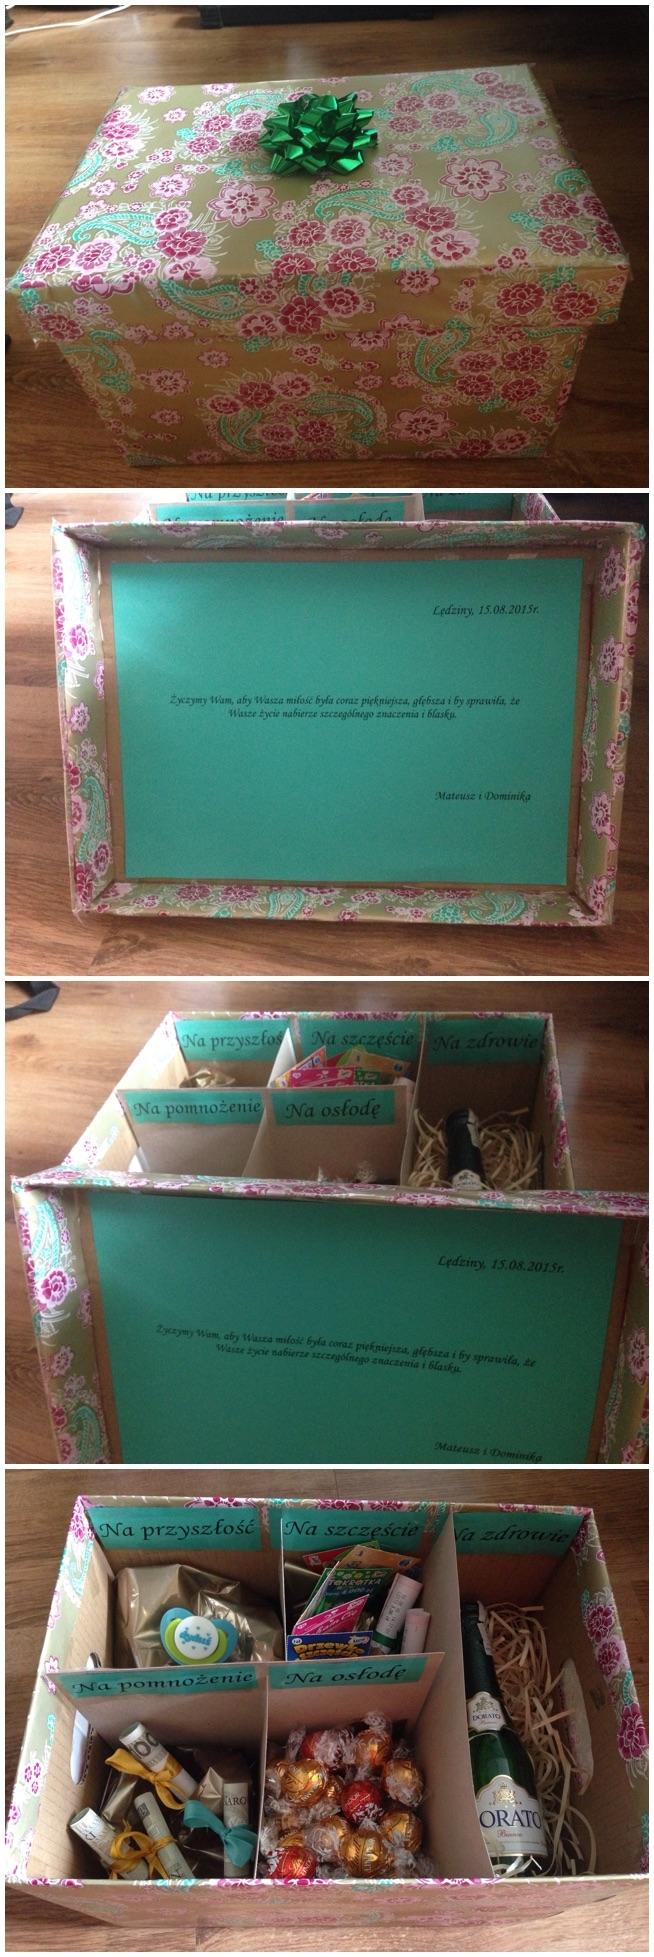 pomysł na prezent ślubny, własnoręcznie wykonany :)